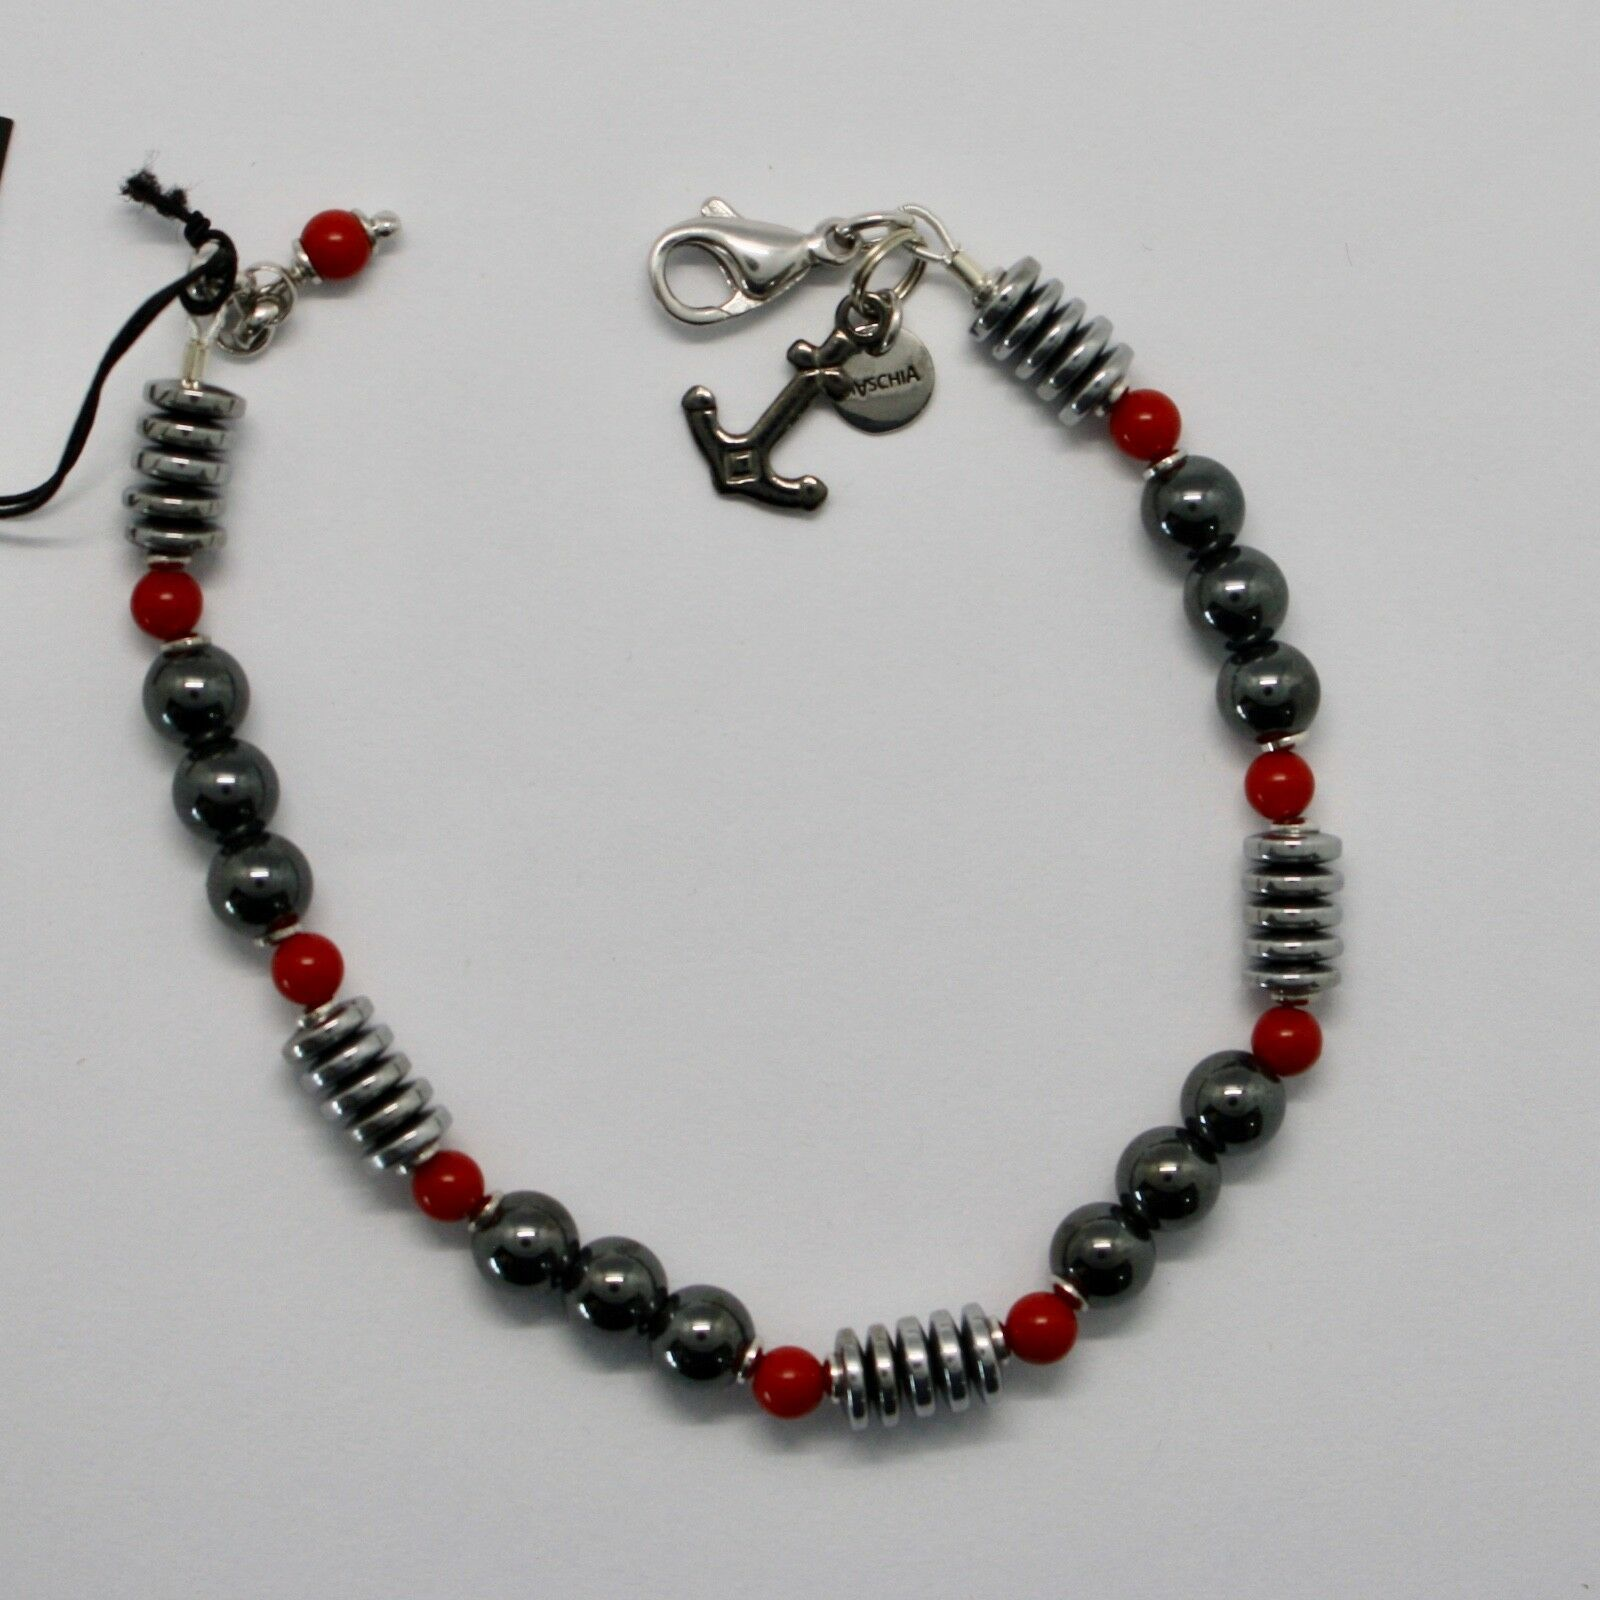 Bracelet en Argent 925 avec Corail Ed Hématite BLE-3 Fabriqué Italie By Maschia image 2